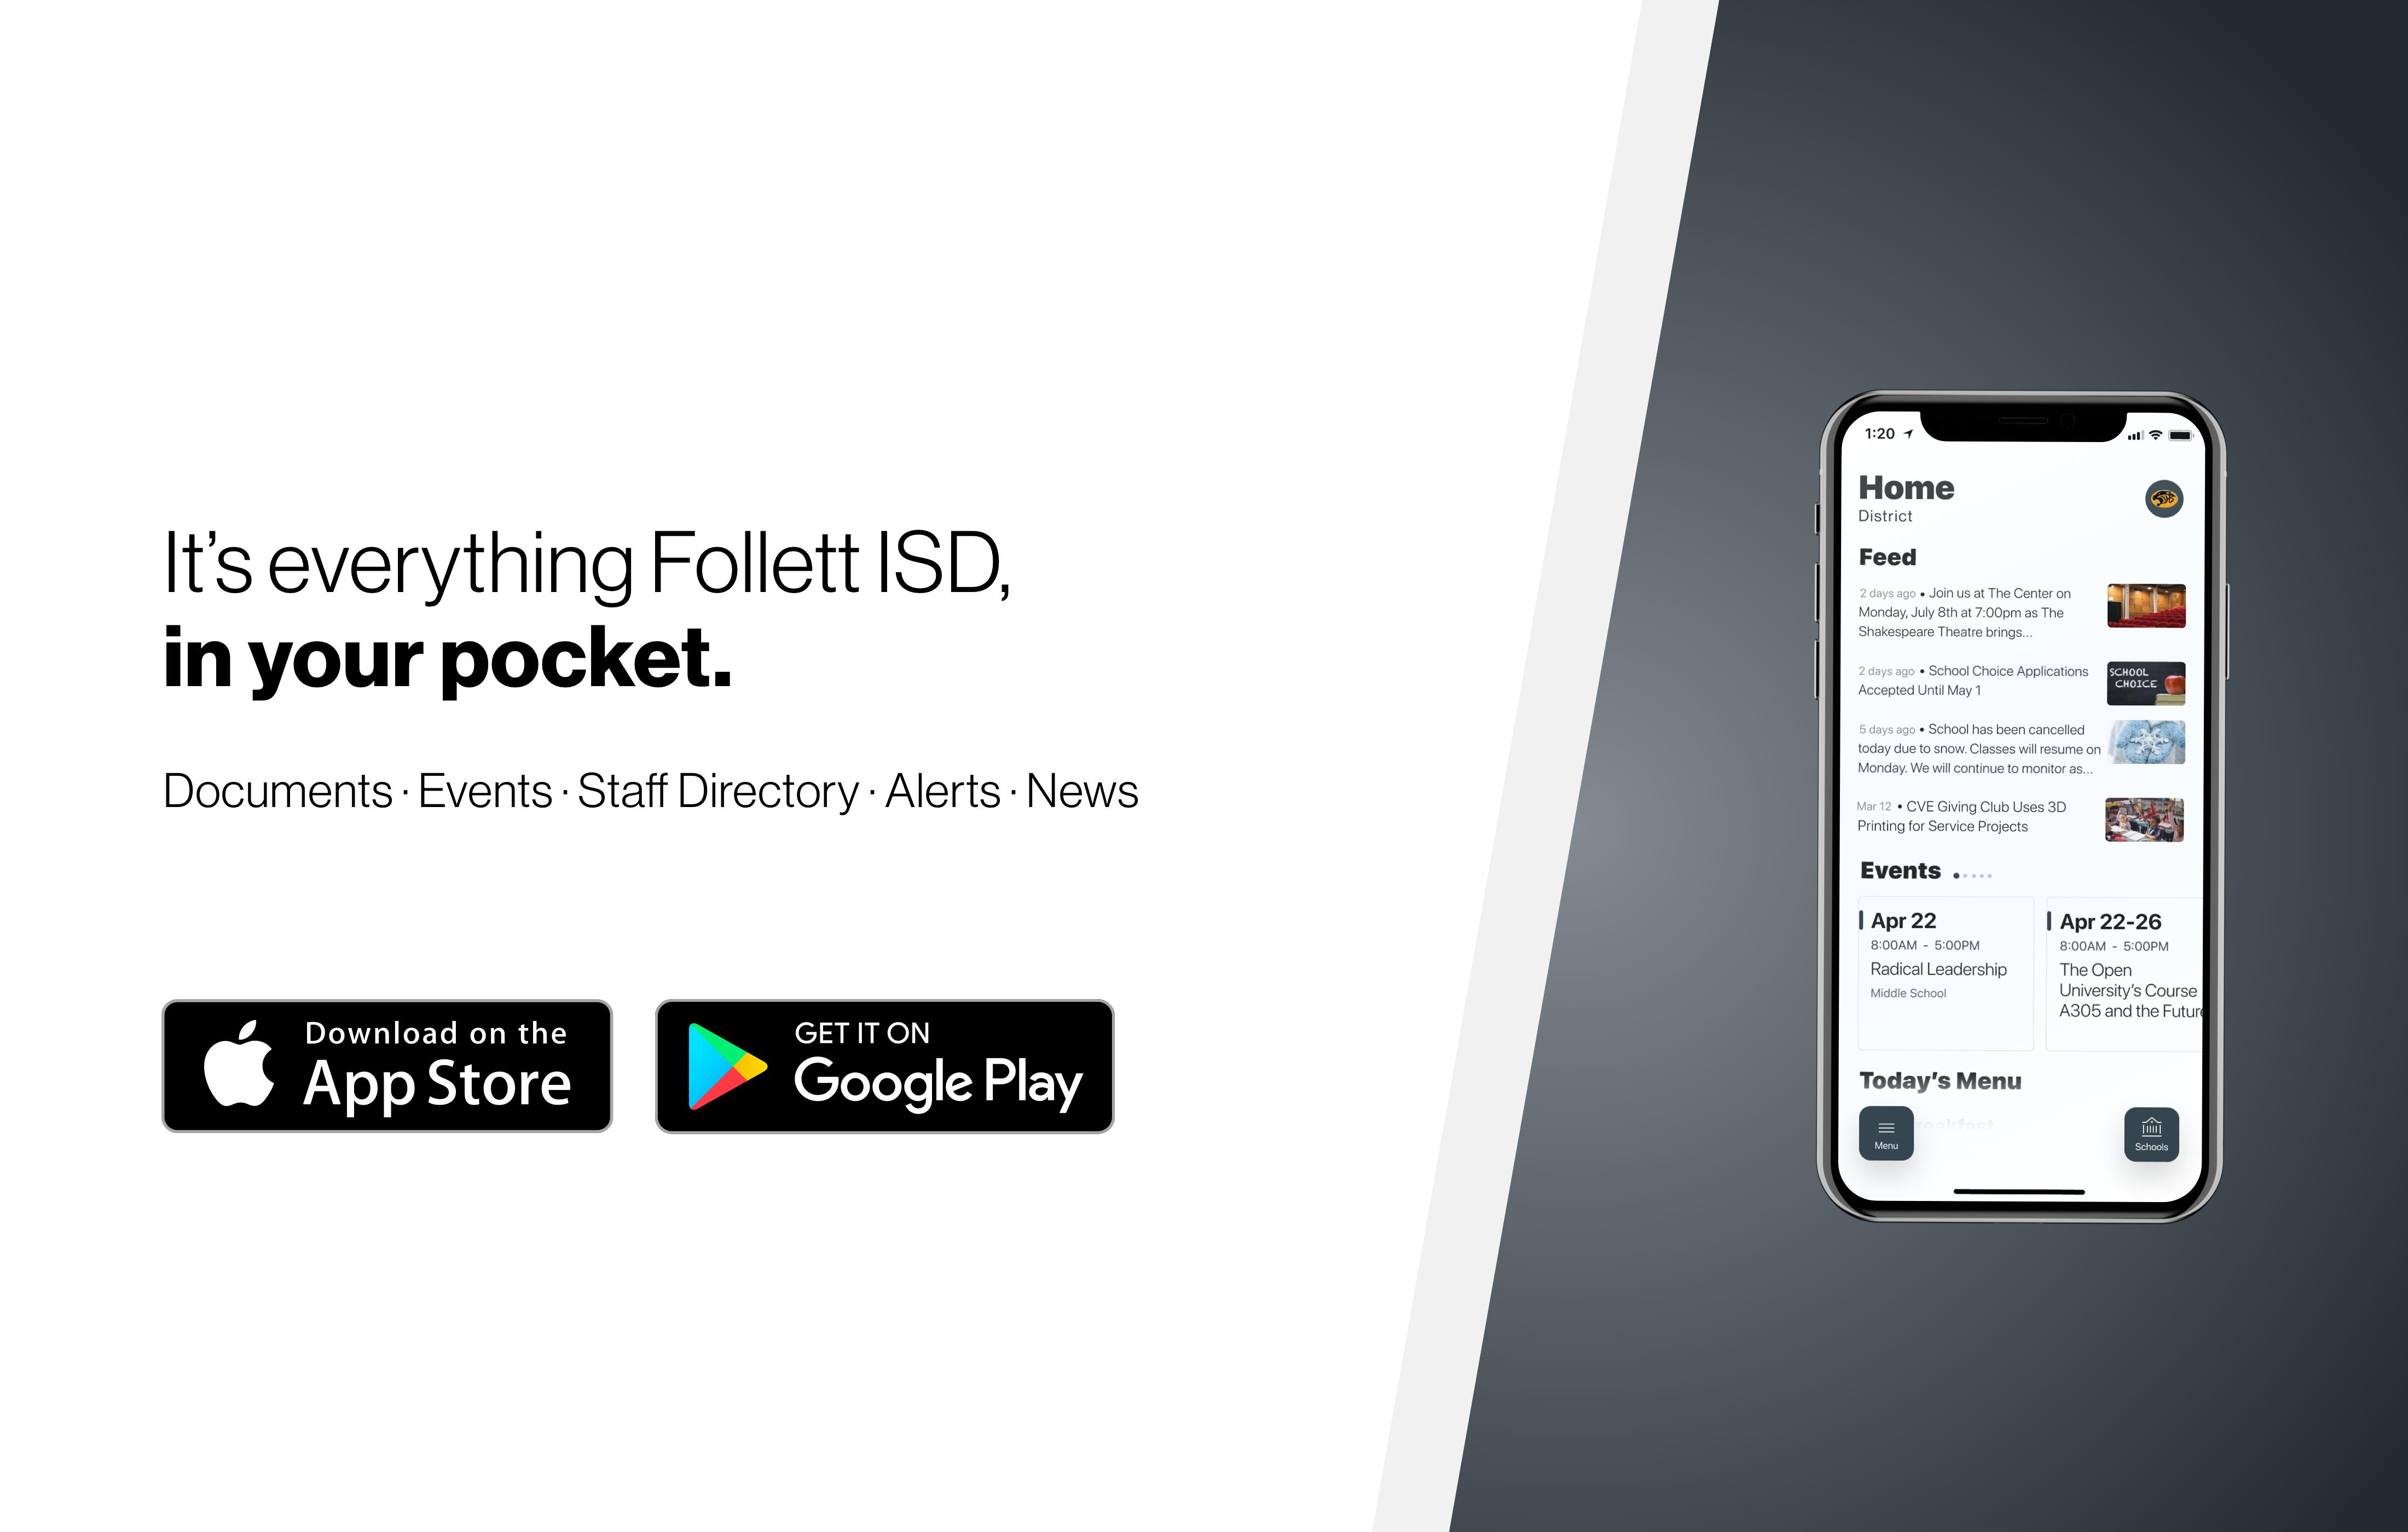 Apps for Follett ISD